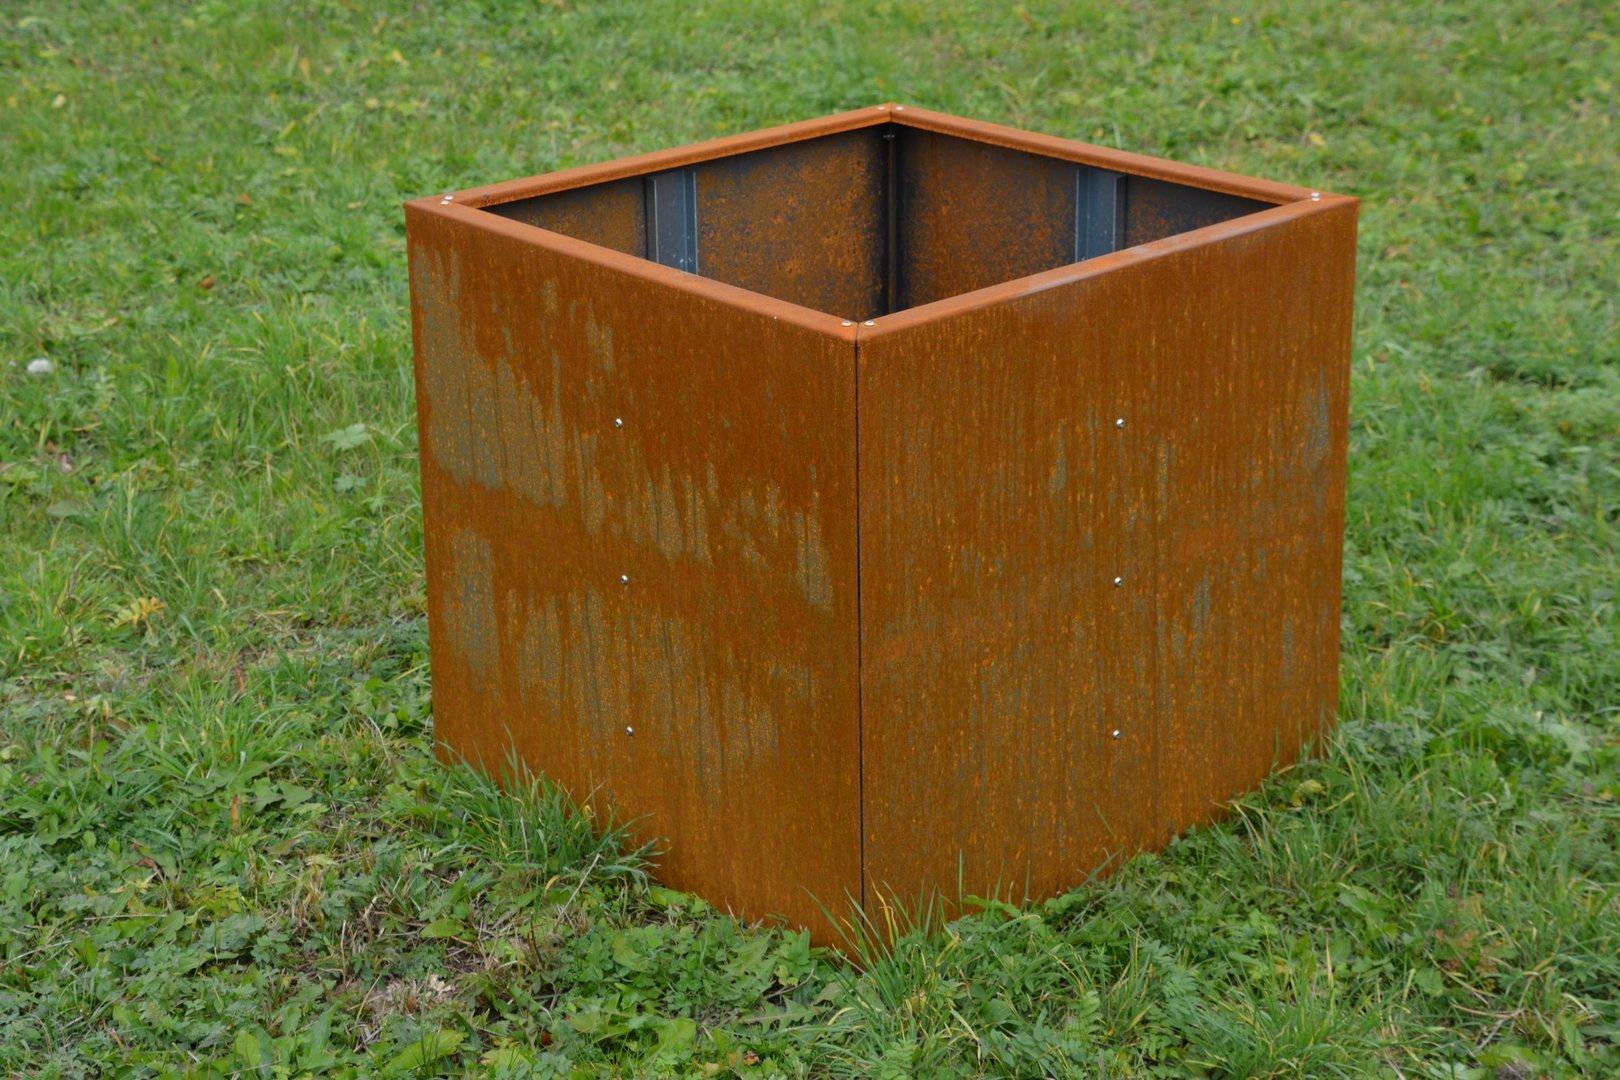 Hochbeet Urban Aus Metall 0 75 M X 0 3 M X 0 5 M Edelrost